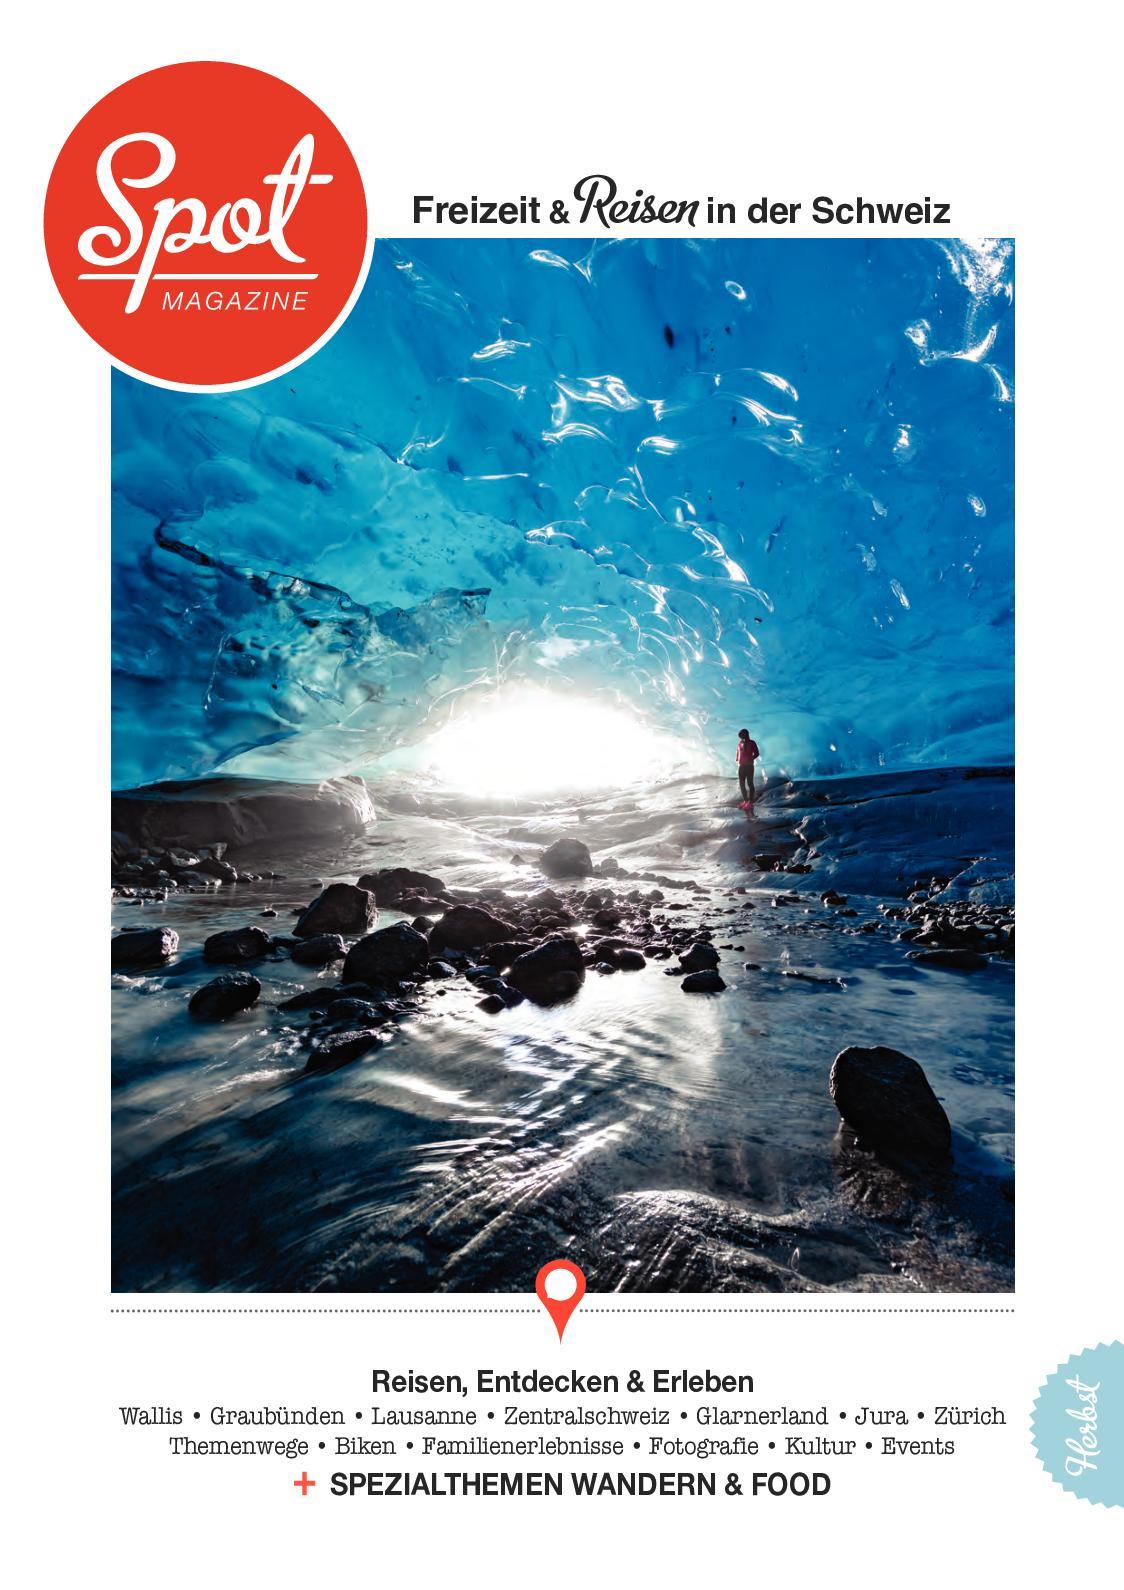 1a7cdbd766d1 Calaméo - Spot Magazine Herbst 2018